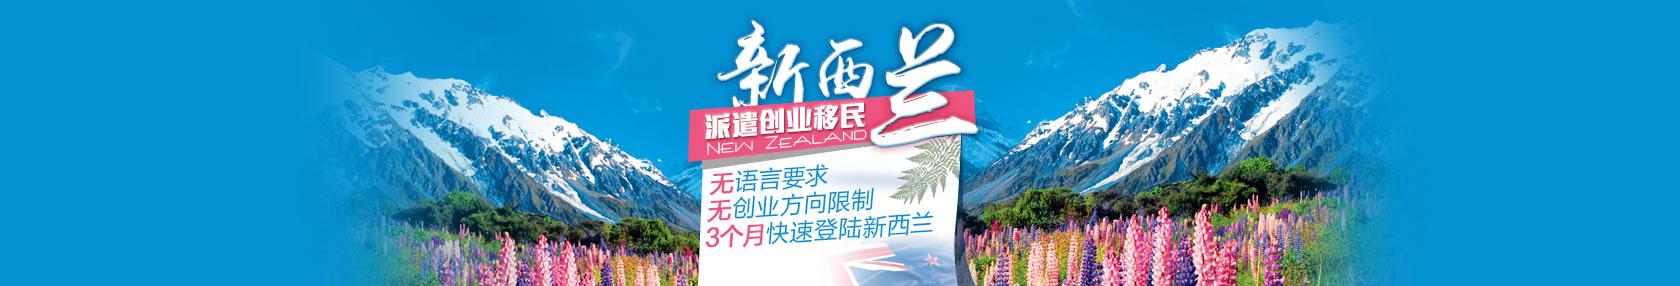 【新西兰派遣创业移民】无语言要求和创业方向限制,3个月快速登陆新西兰